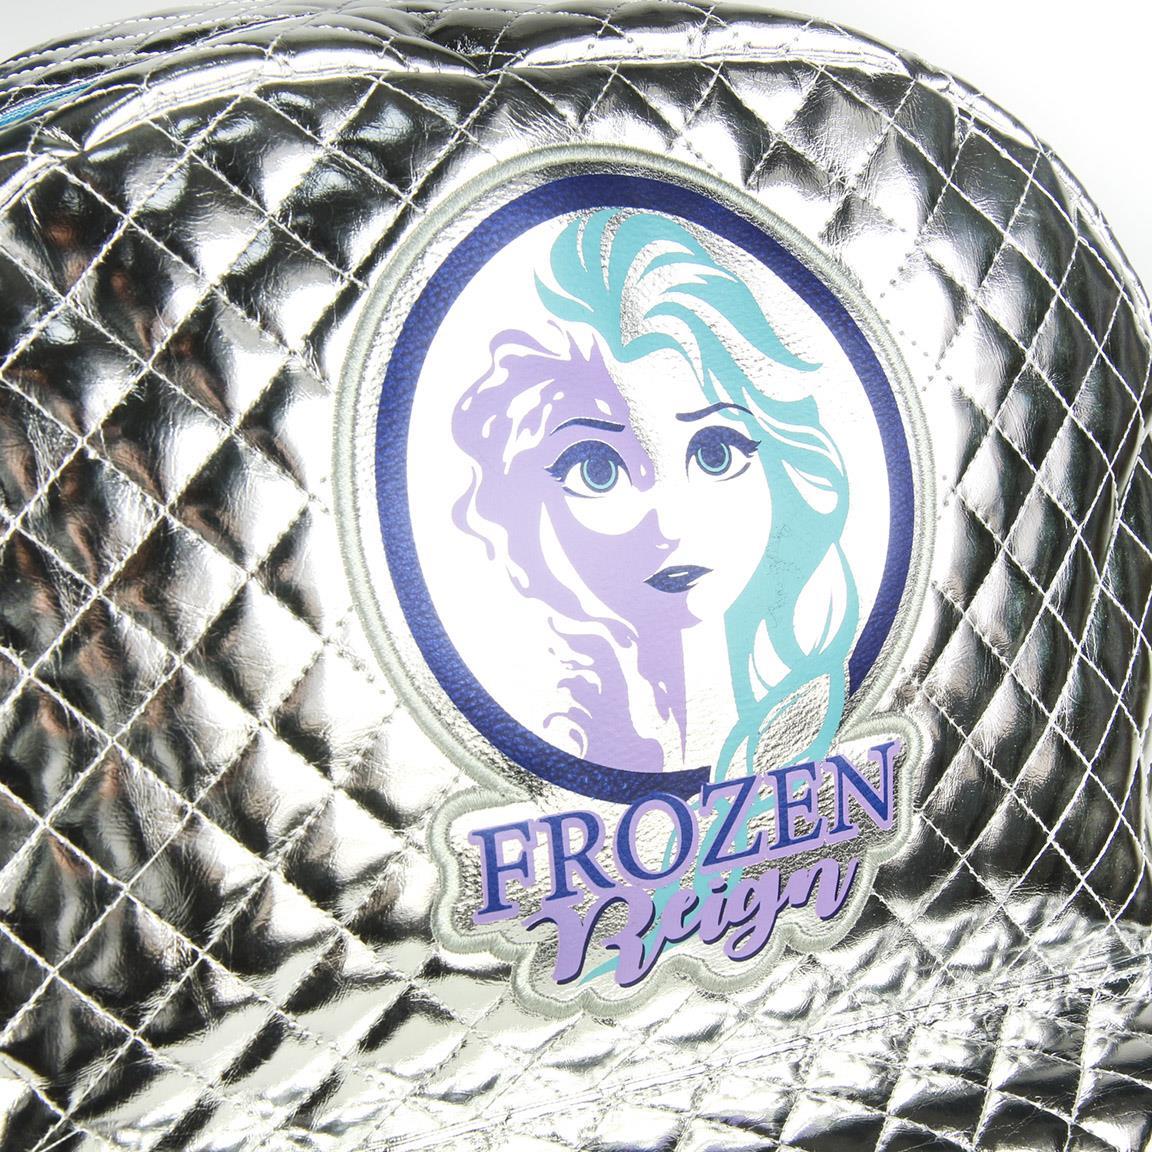 CRD - Mochila Casual Frozen II reign